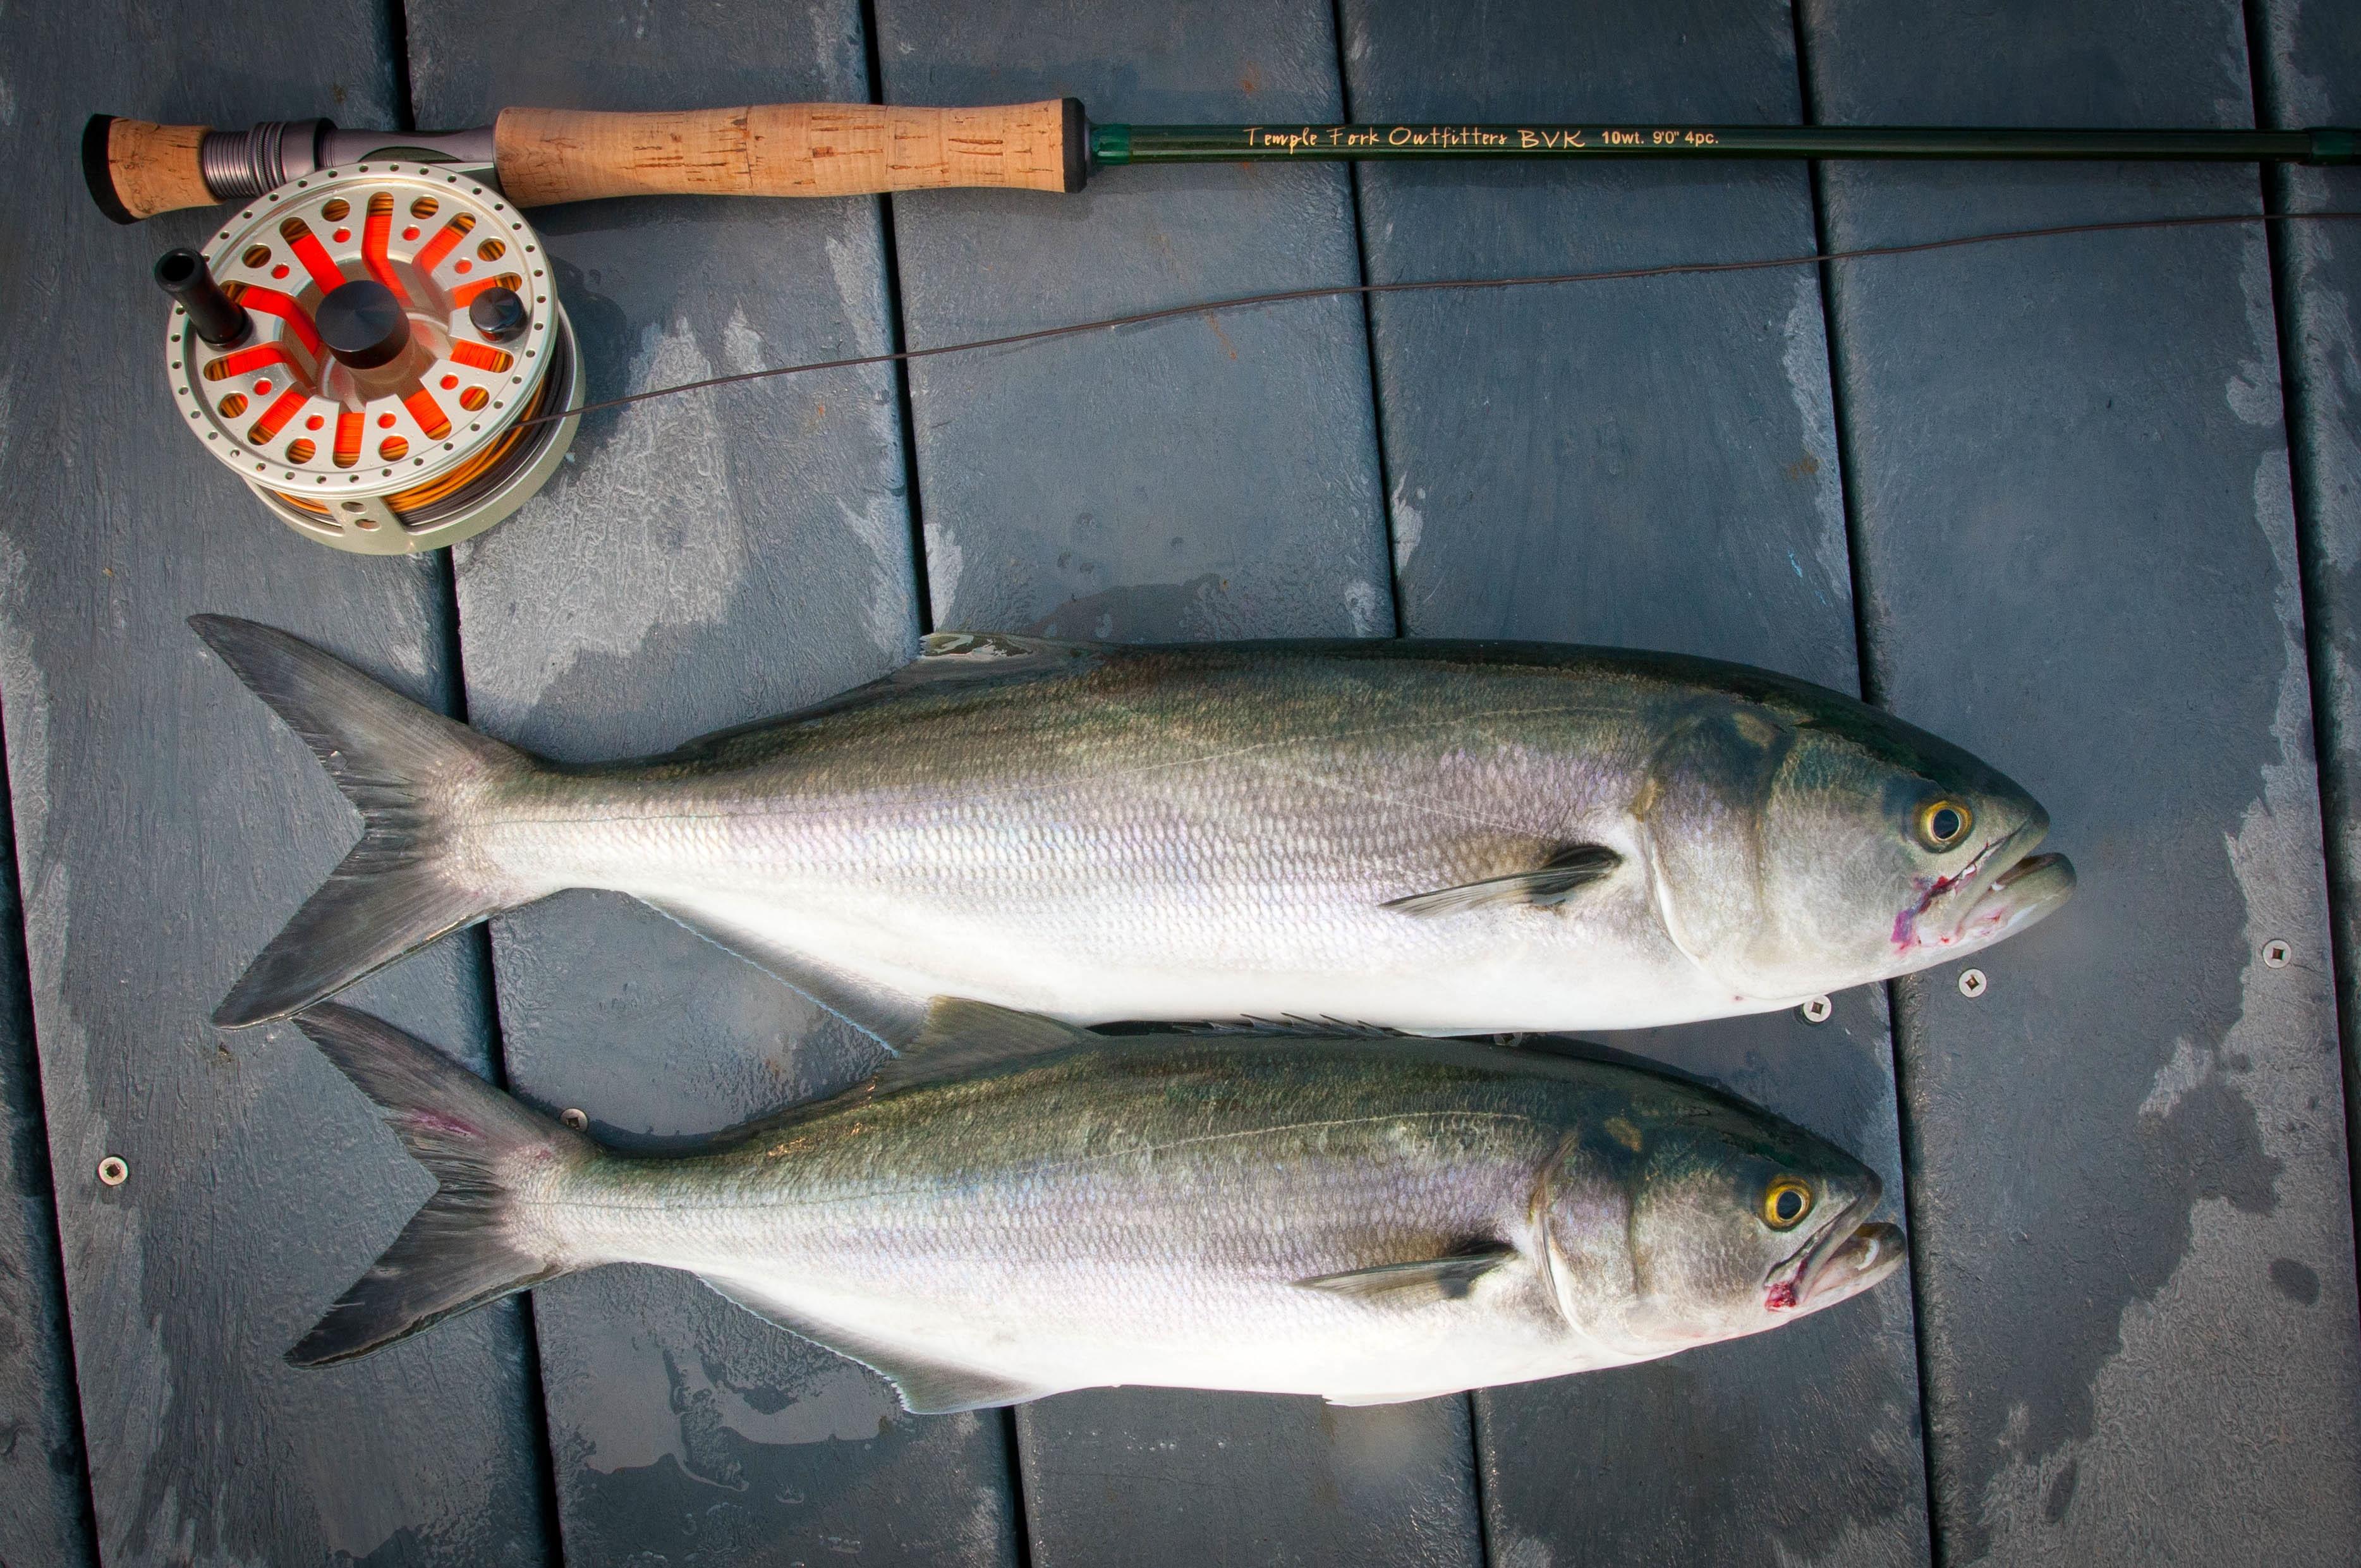 Die neuen Fangquoten für Fisch der EU rufen Kritik von Umweltschutzorganisationen hervor.